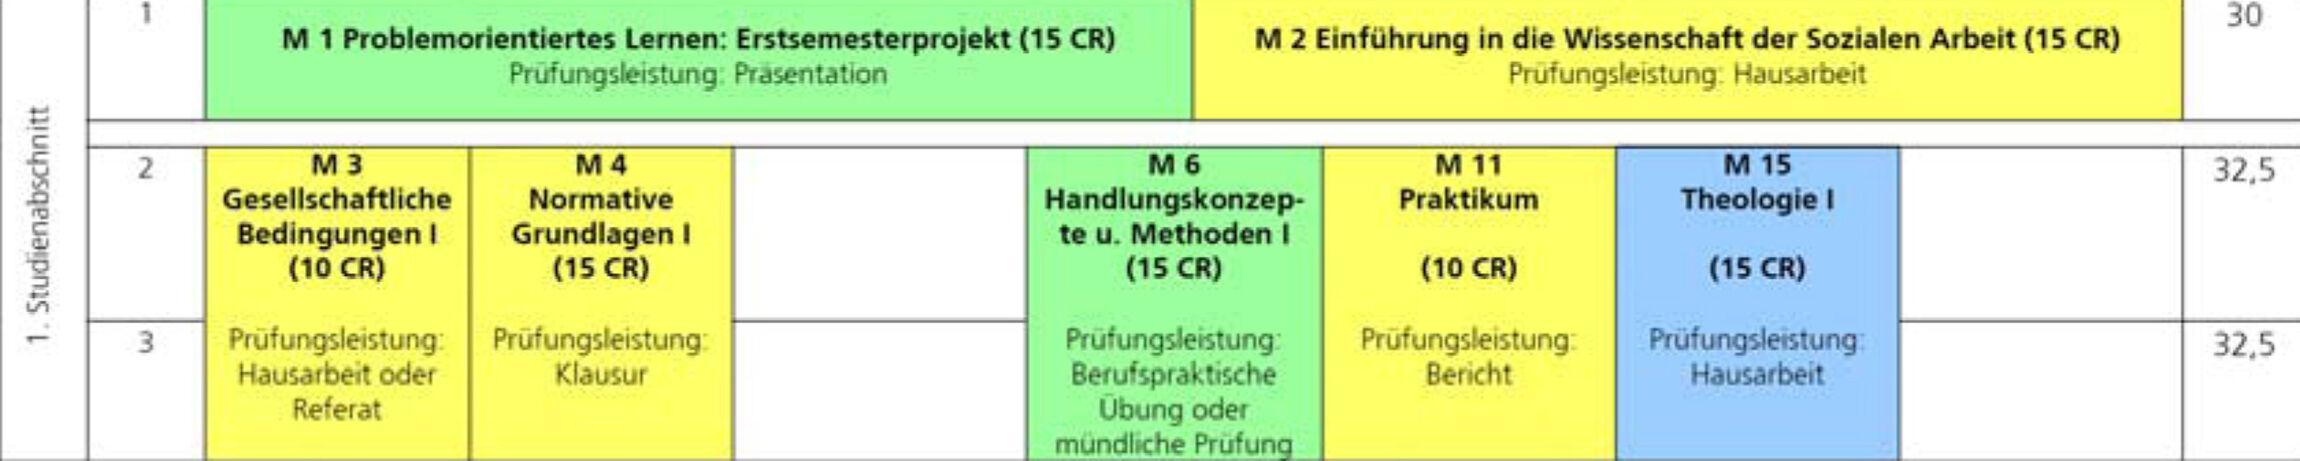 Abschnitt-1